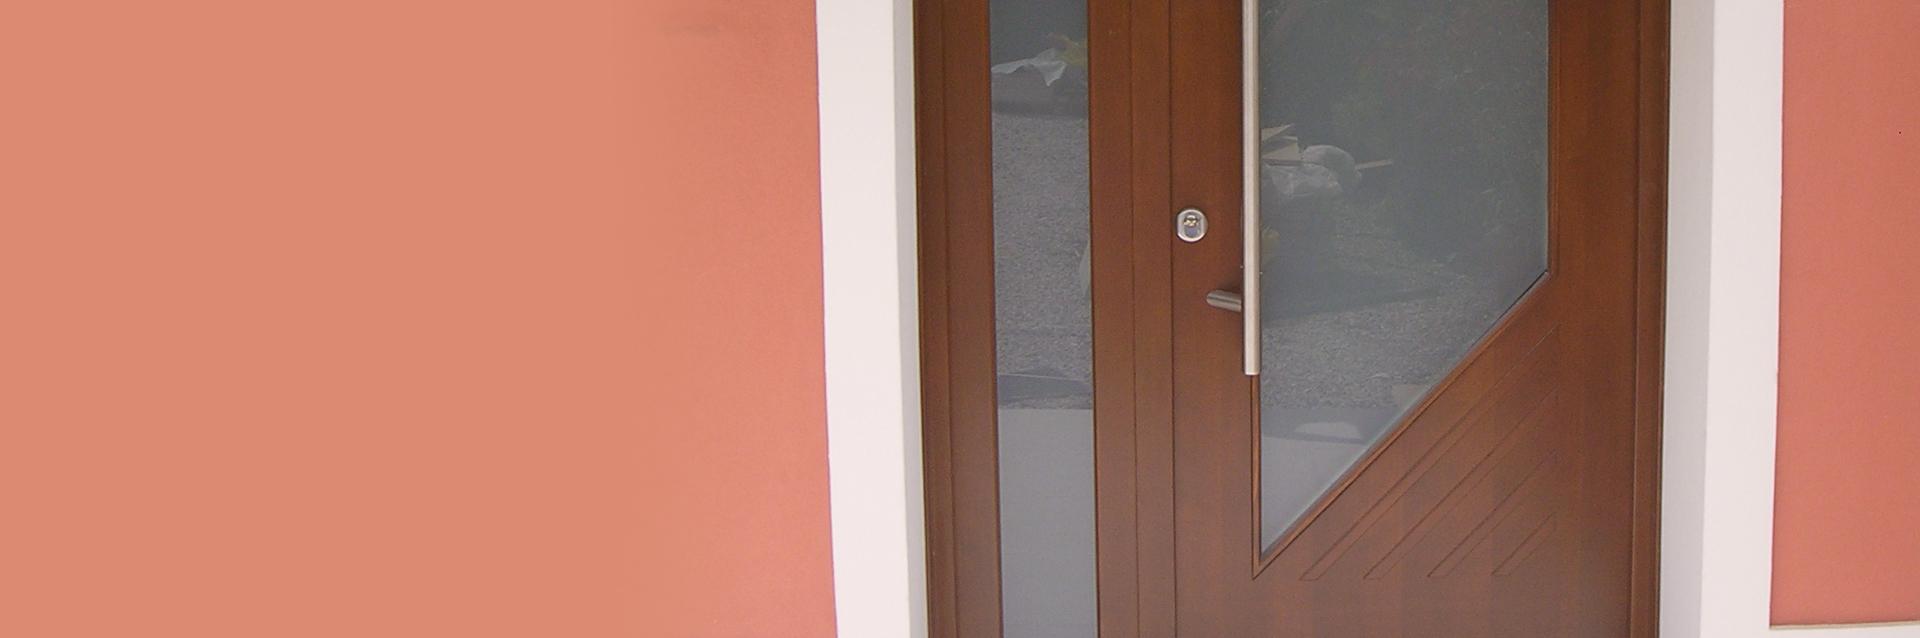 Realizzazione Portoncini d'ingresso Padova, porte, finestre, portoncini d'ingresso e scuri in ...